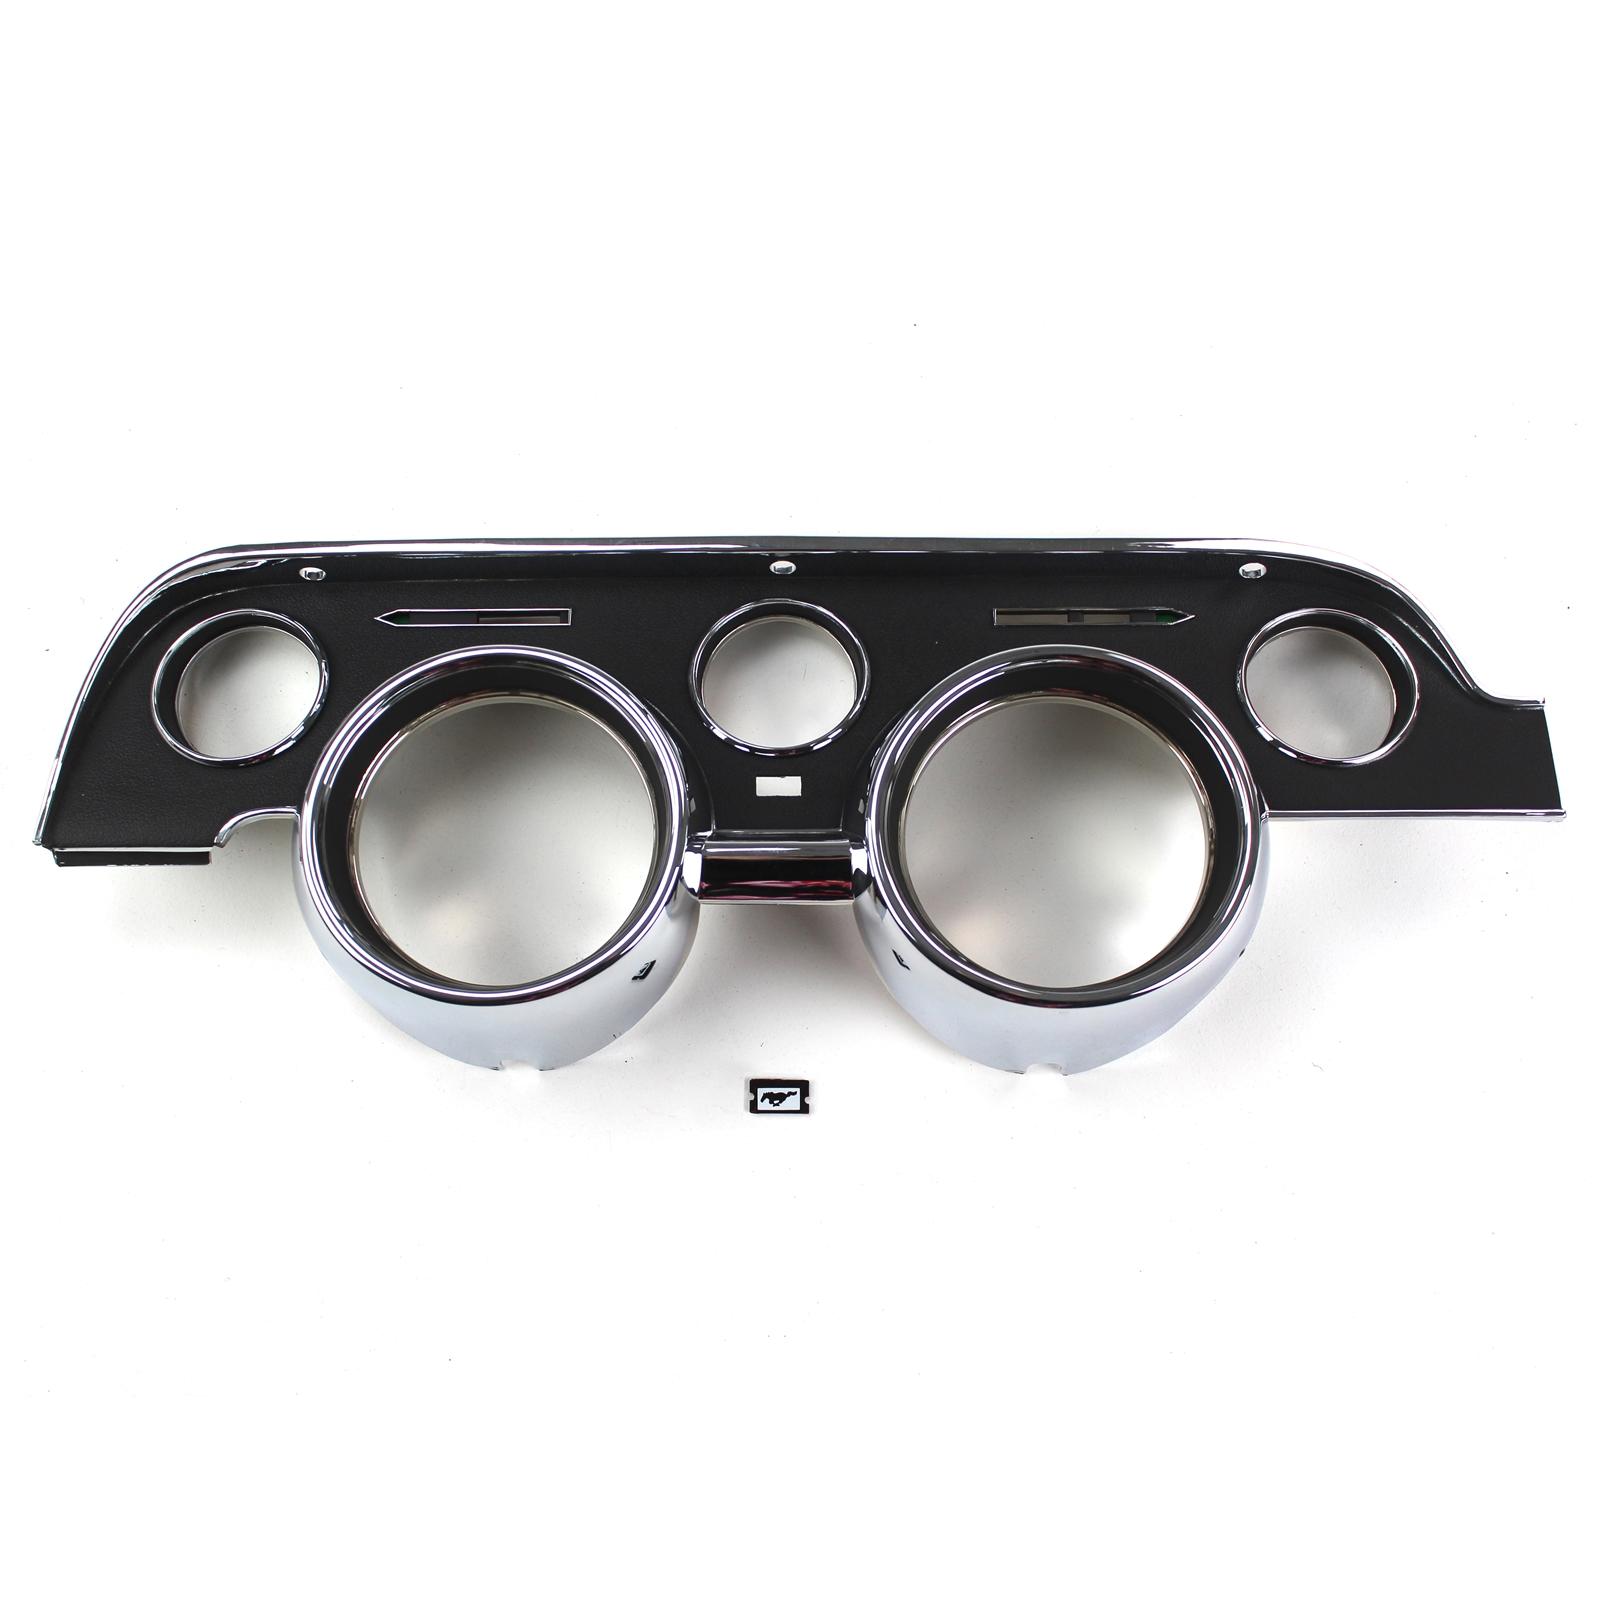 5 Piece Standard 1967-1968 Ford Mustang Instrument Bezel Lens